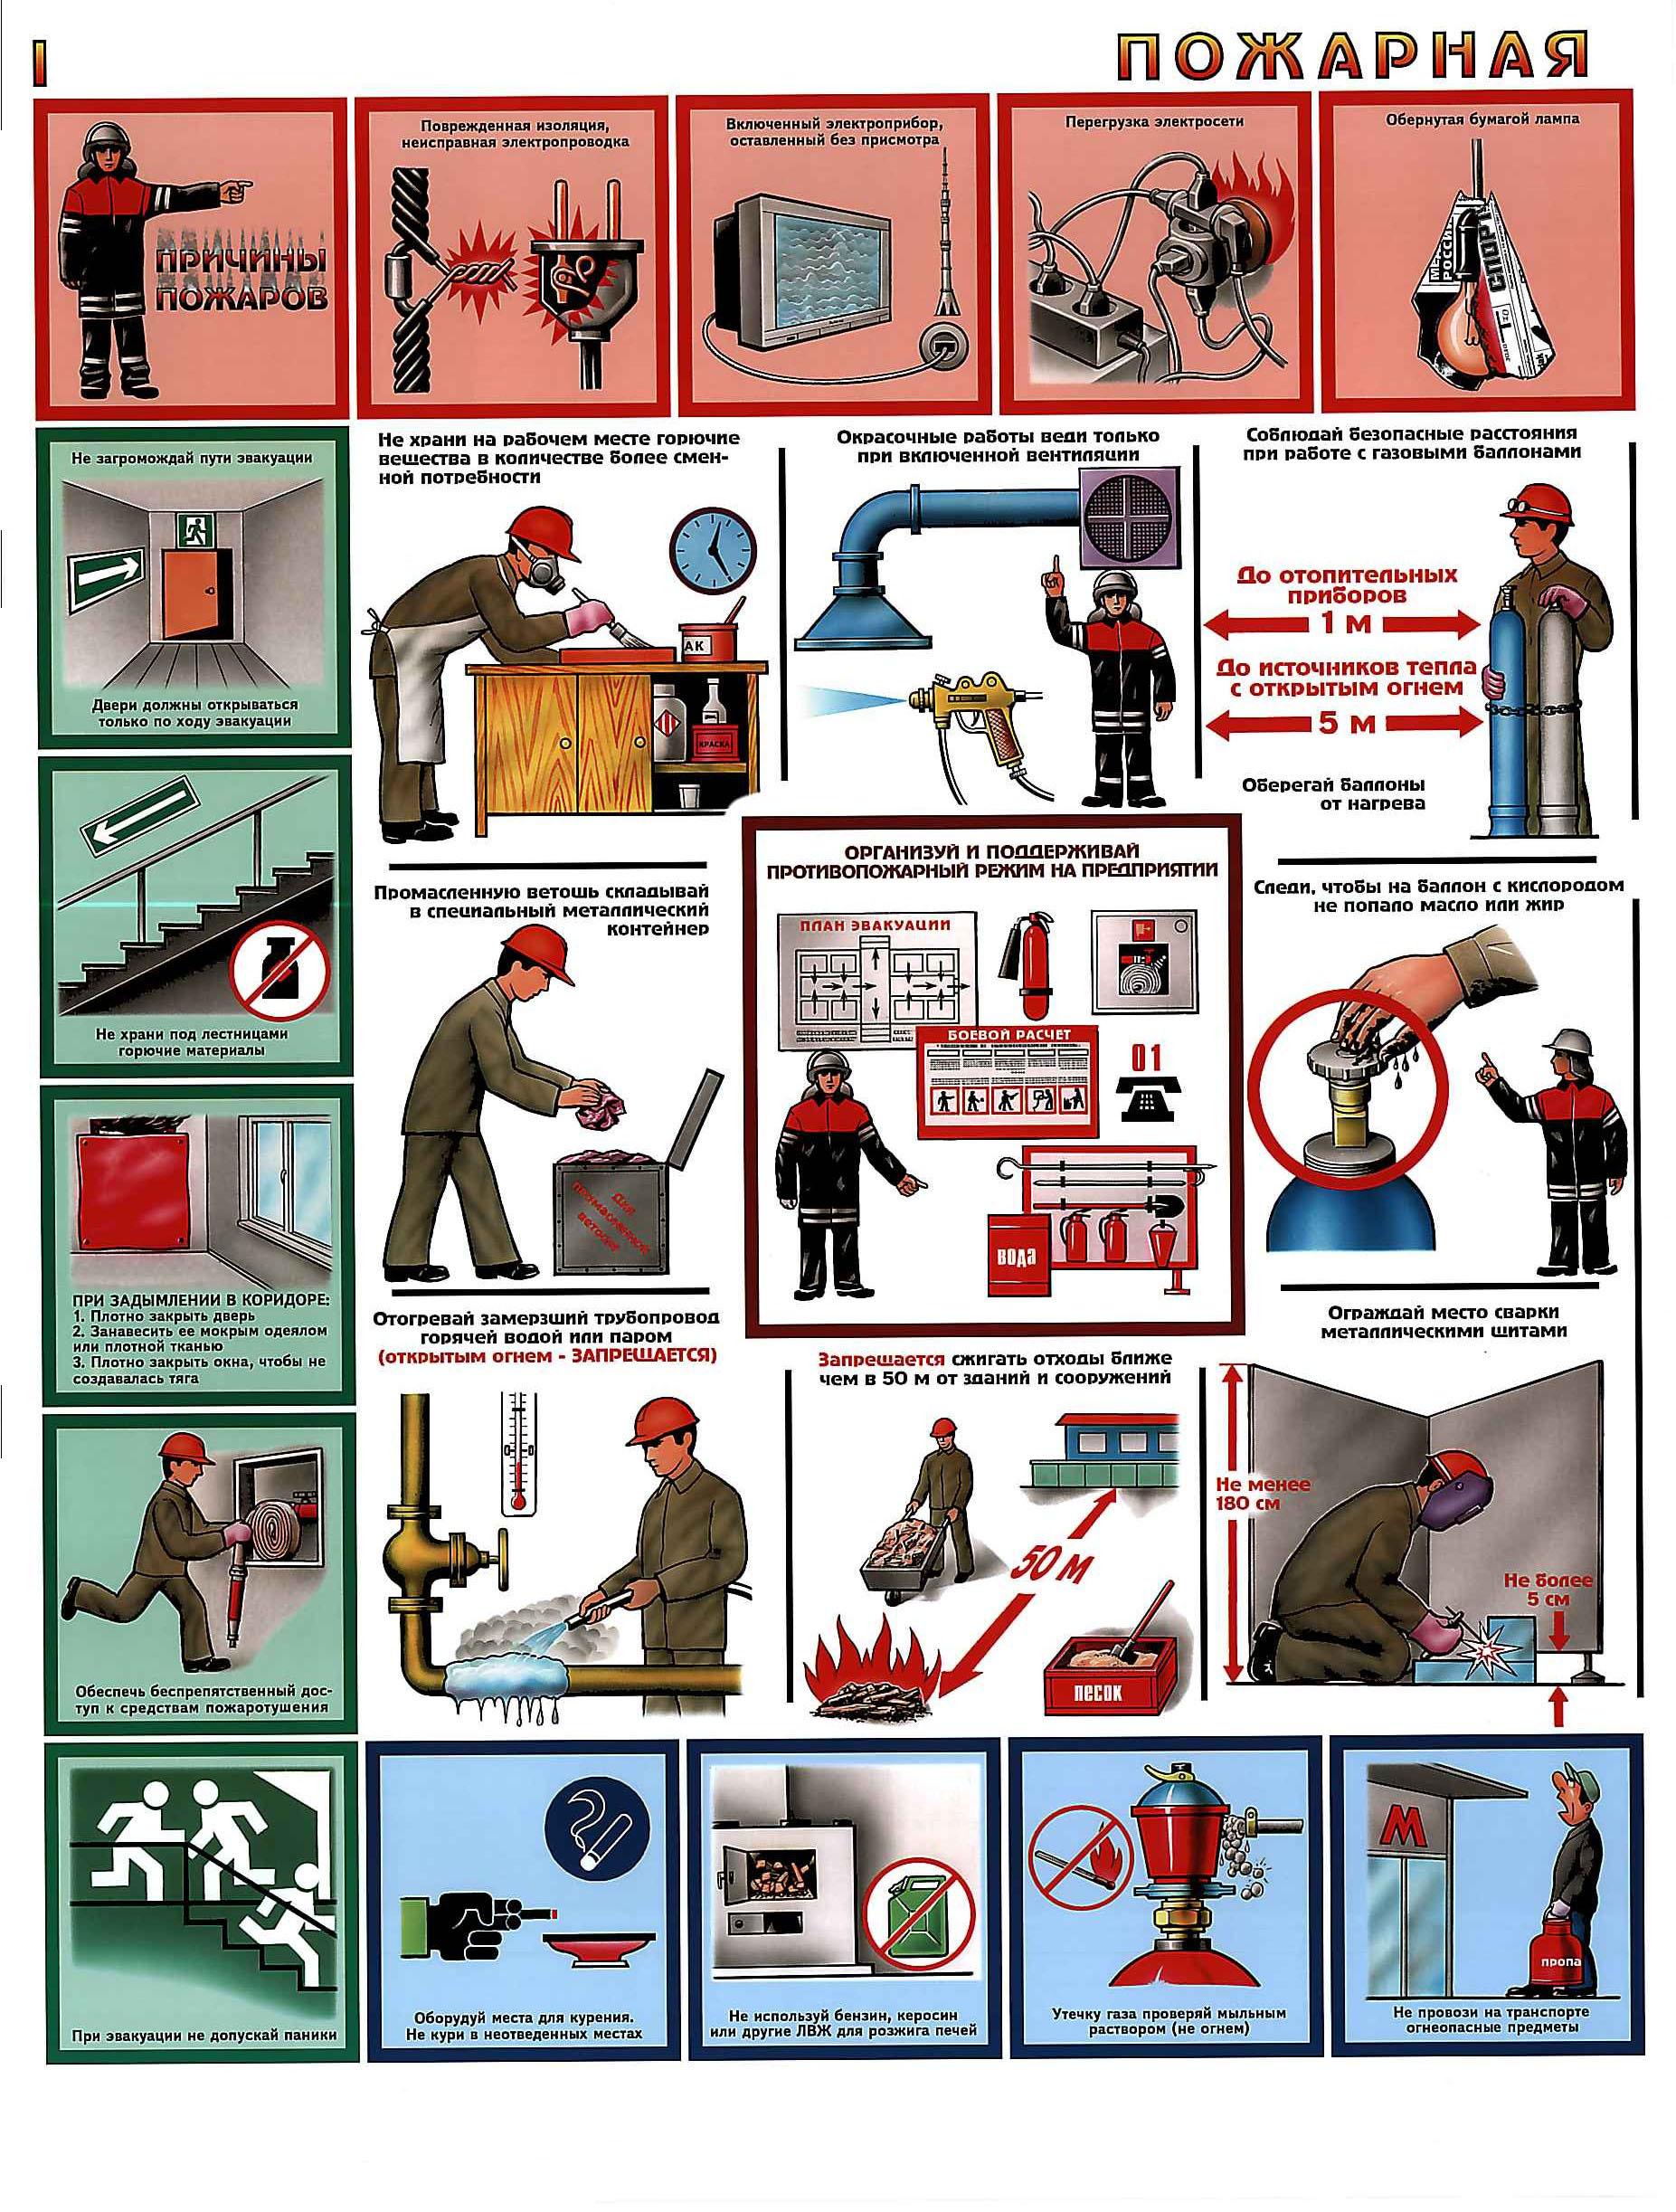 инструкция о режиме пожарной безопасности в школе